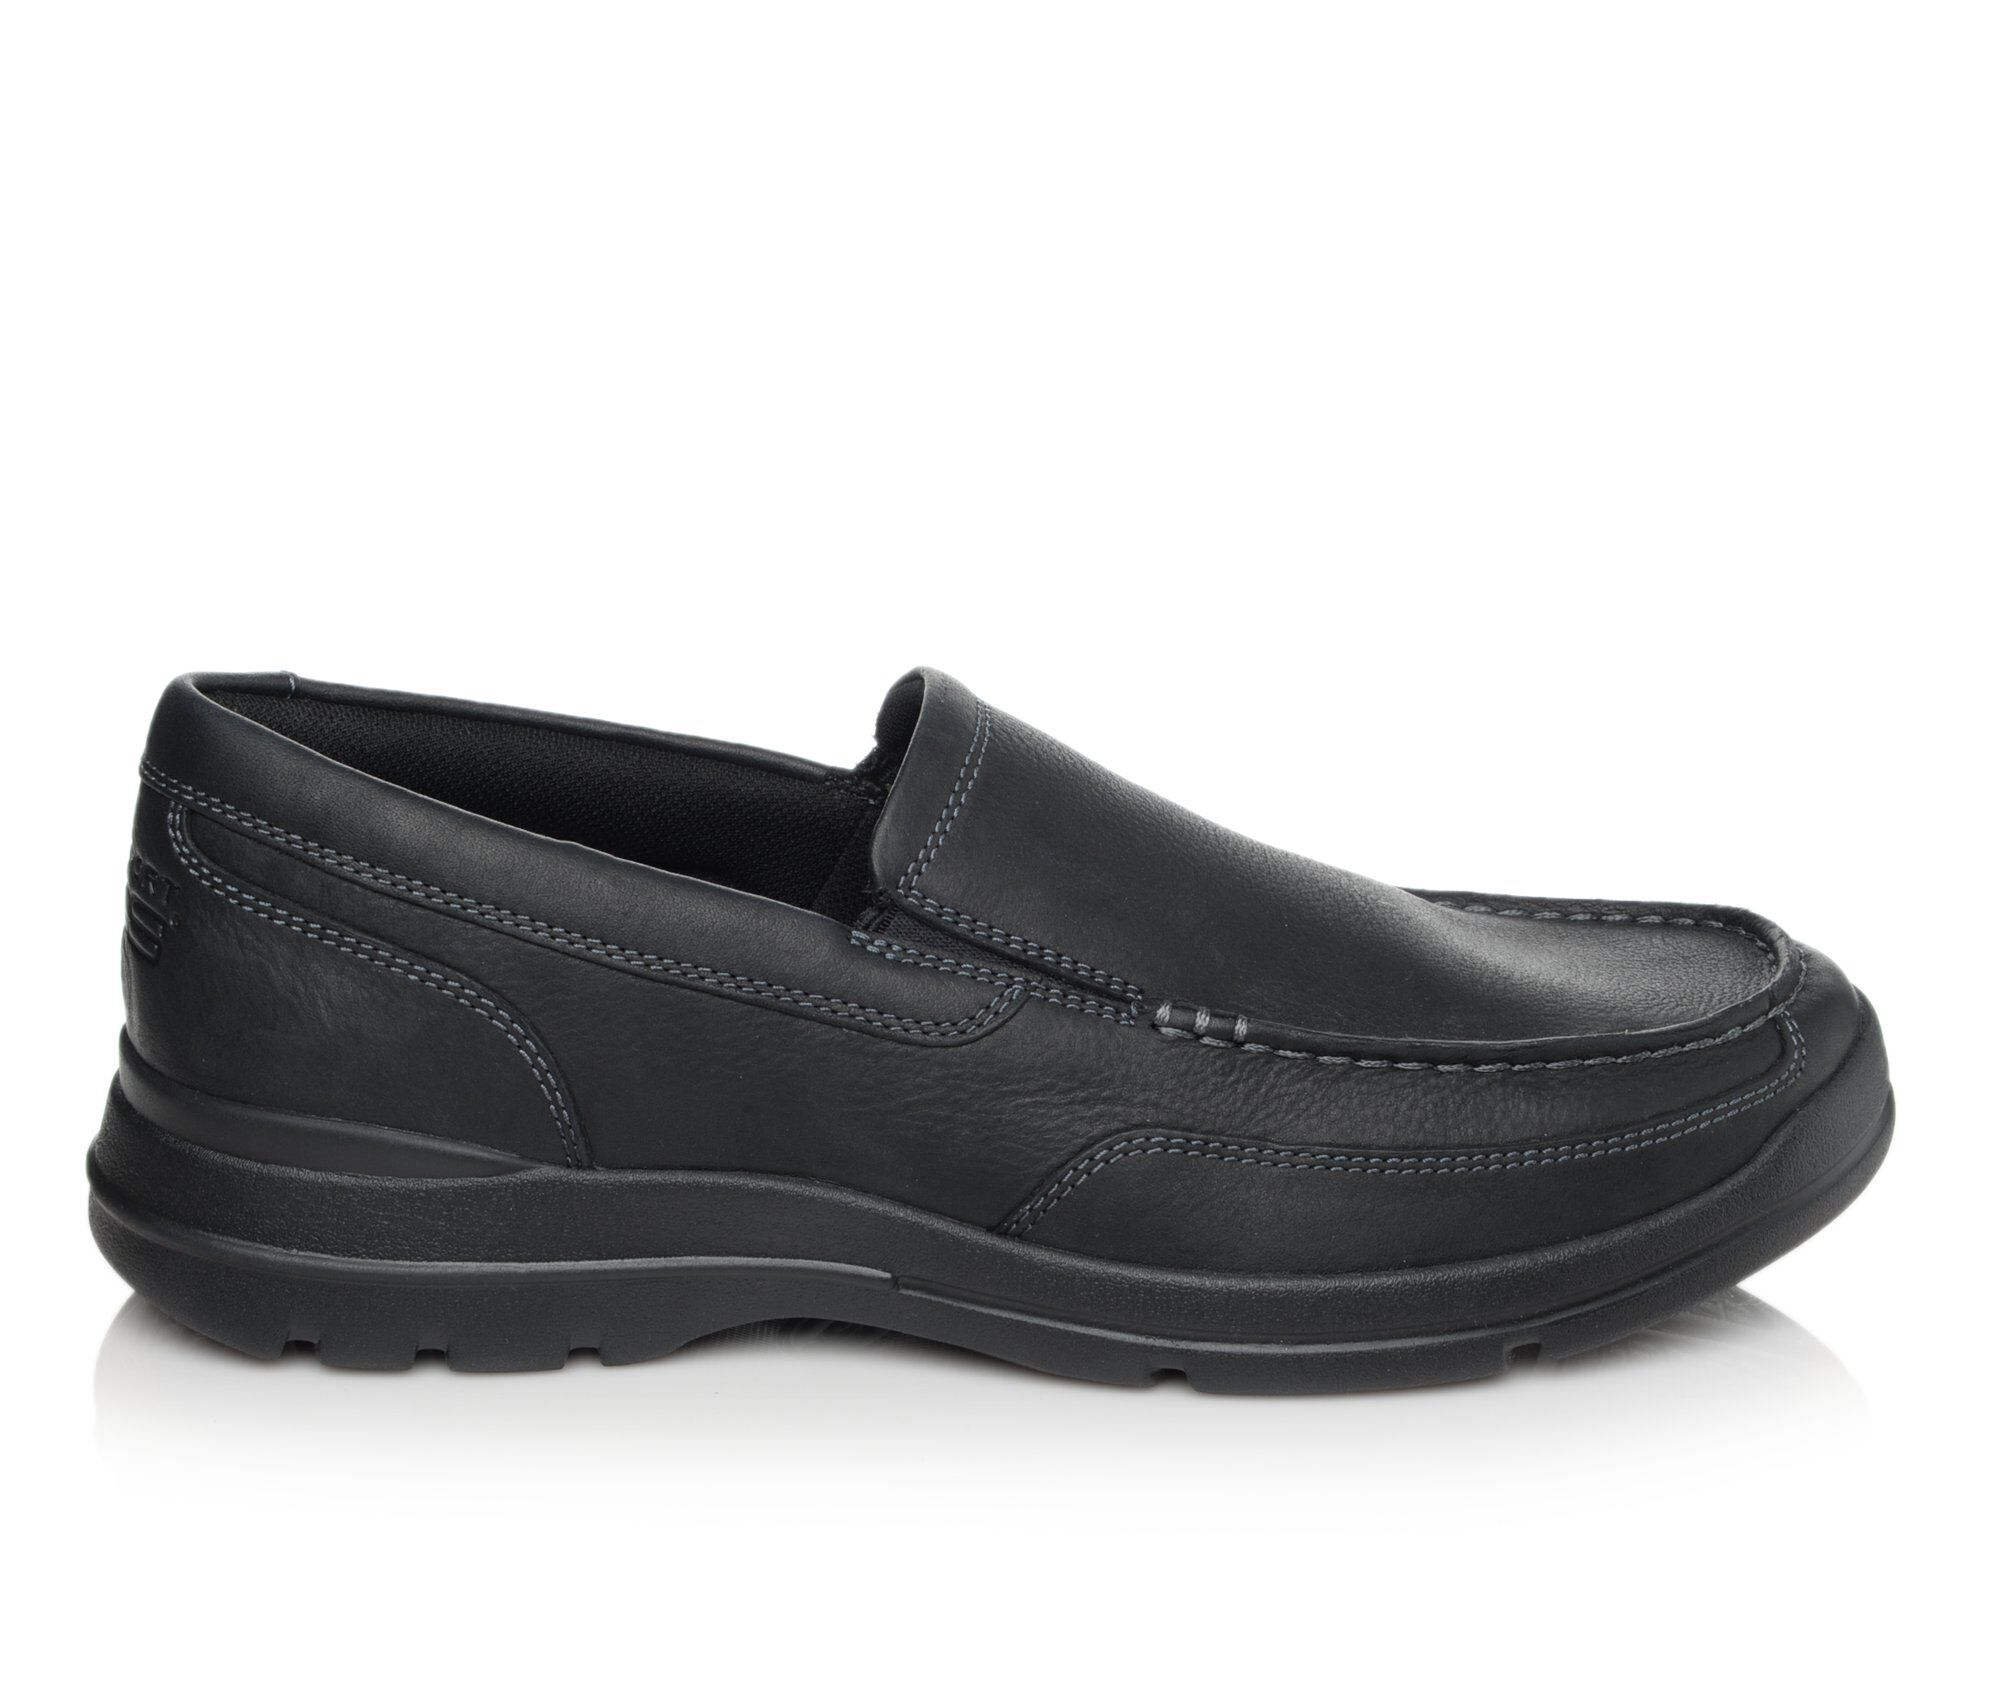 Men's Rockport Junction Point Slip On Shoes Black